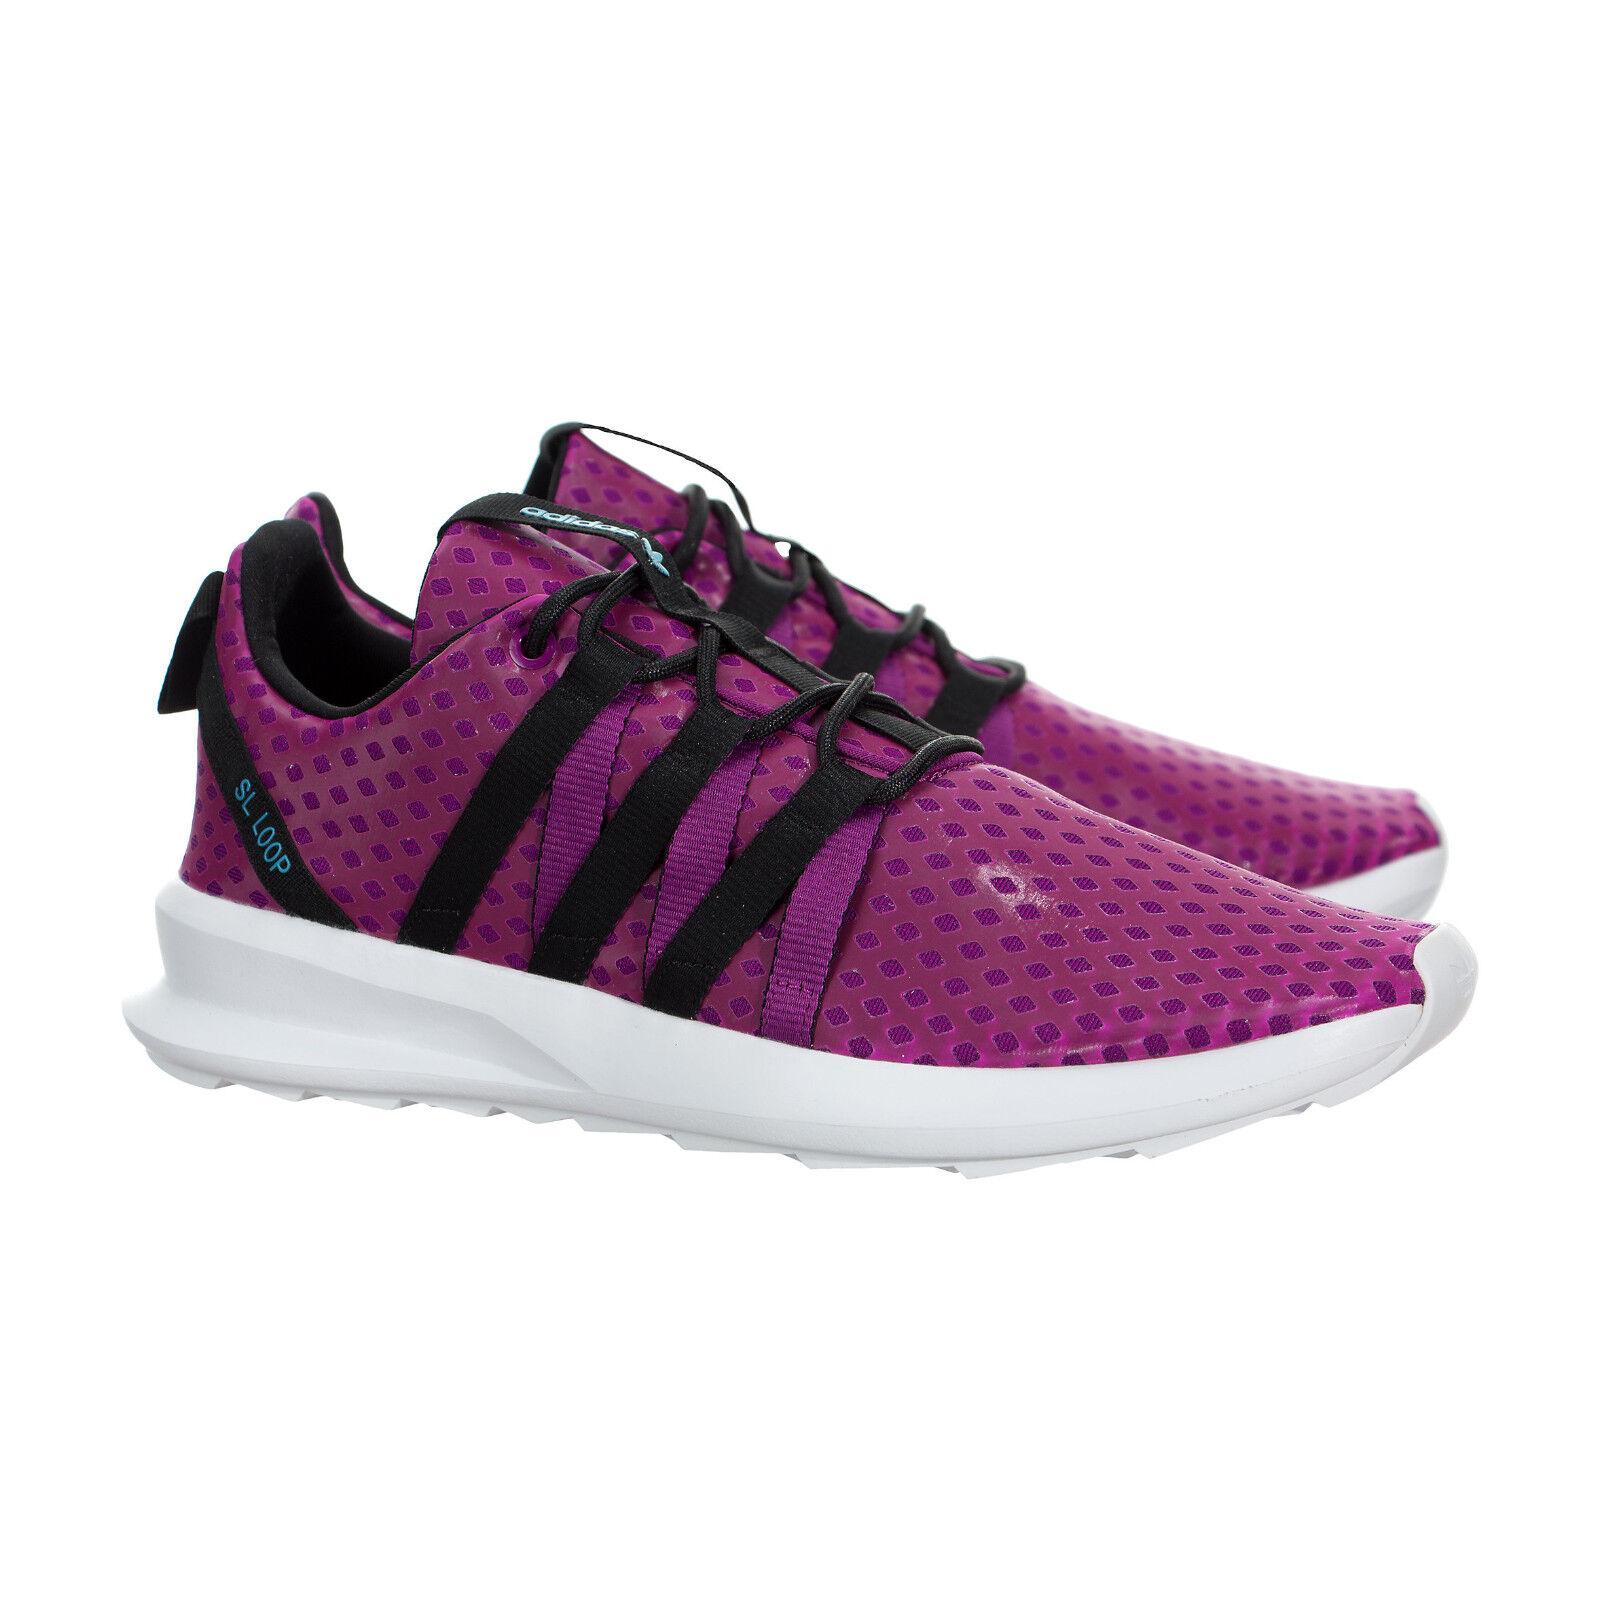 Adidas sl loop e berry bianco azioni nero taglia 10,5 azioni bianco di formazione le scarpe s89125.163 07142e